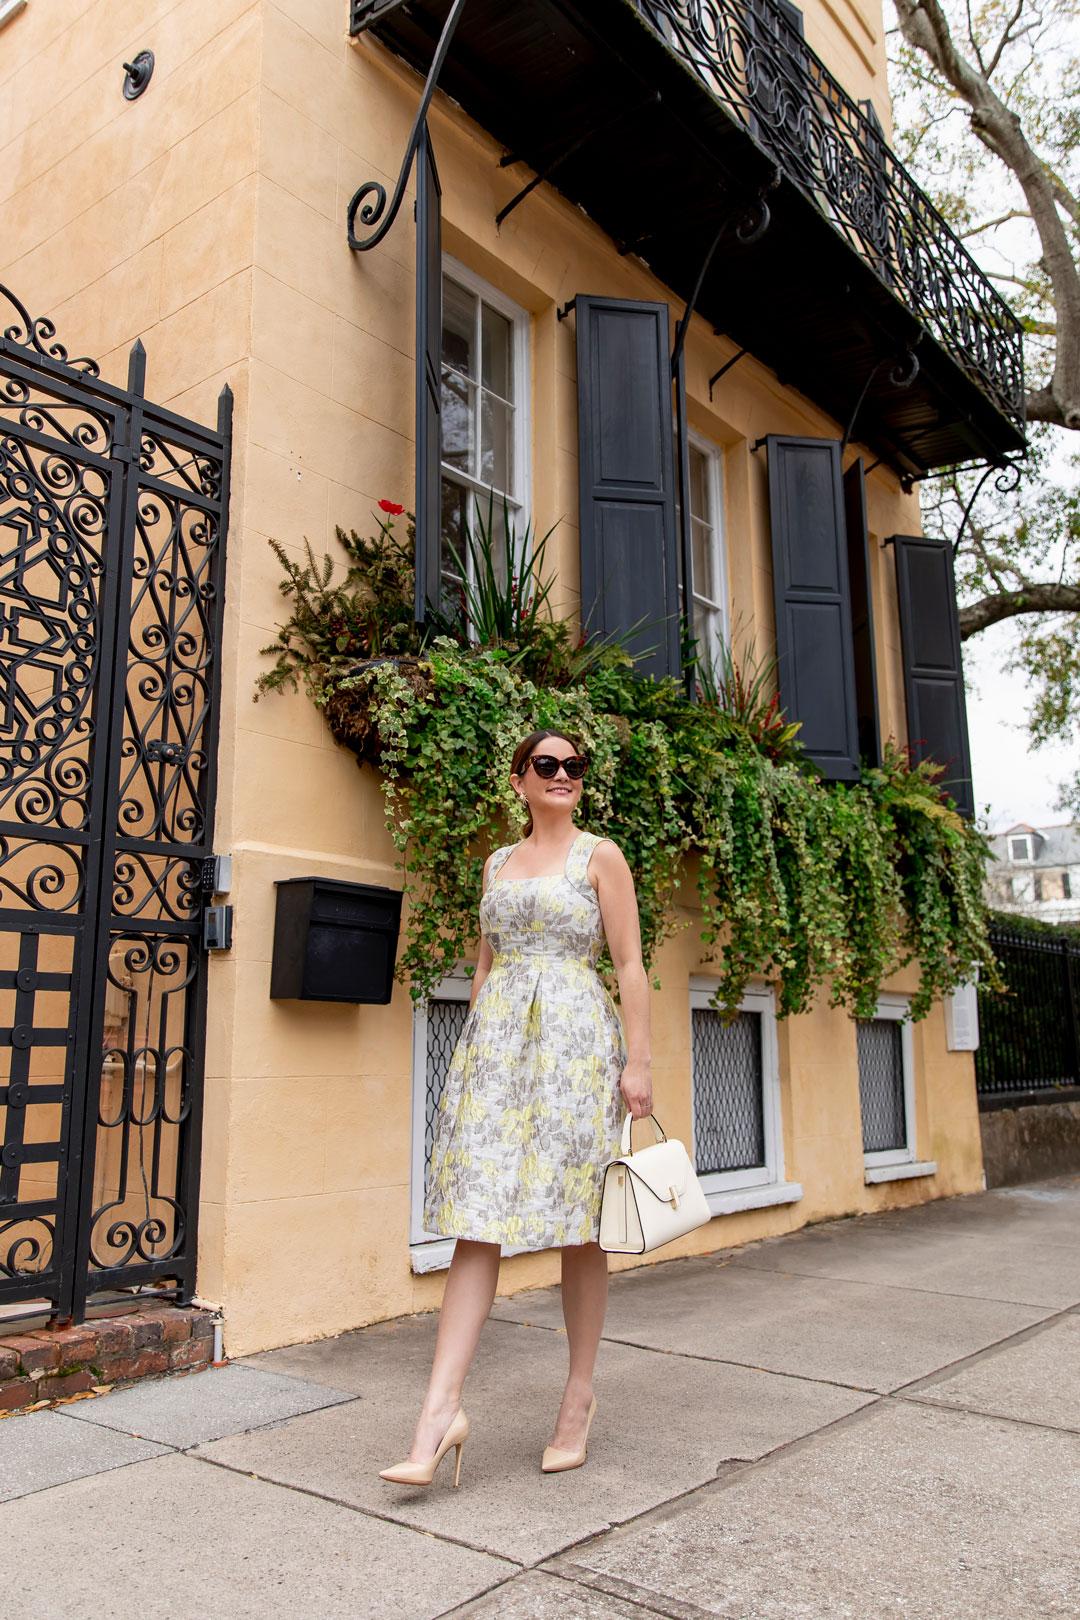 Charleston Yellow Home